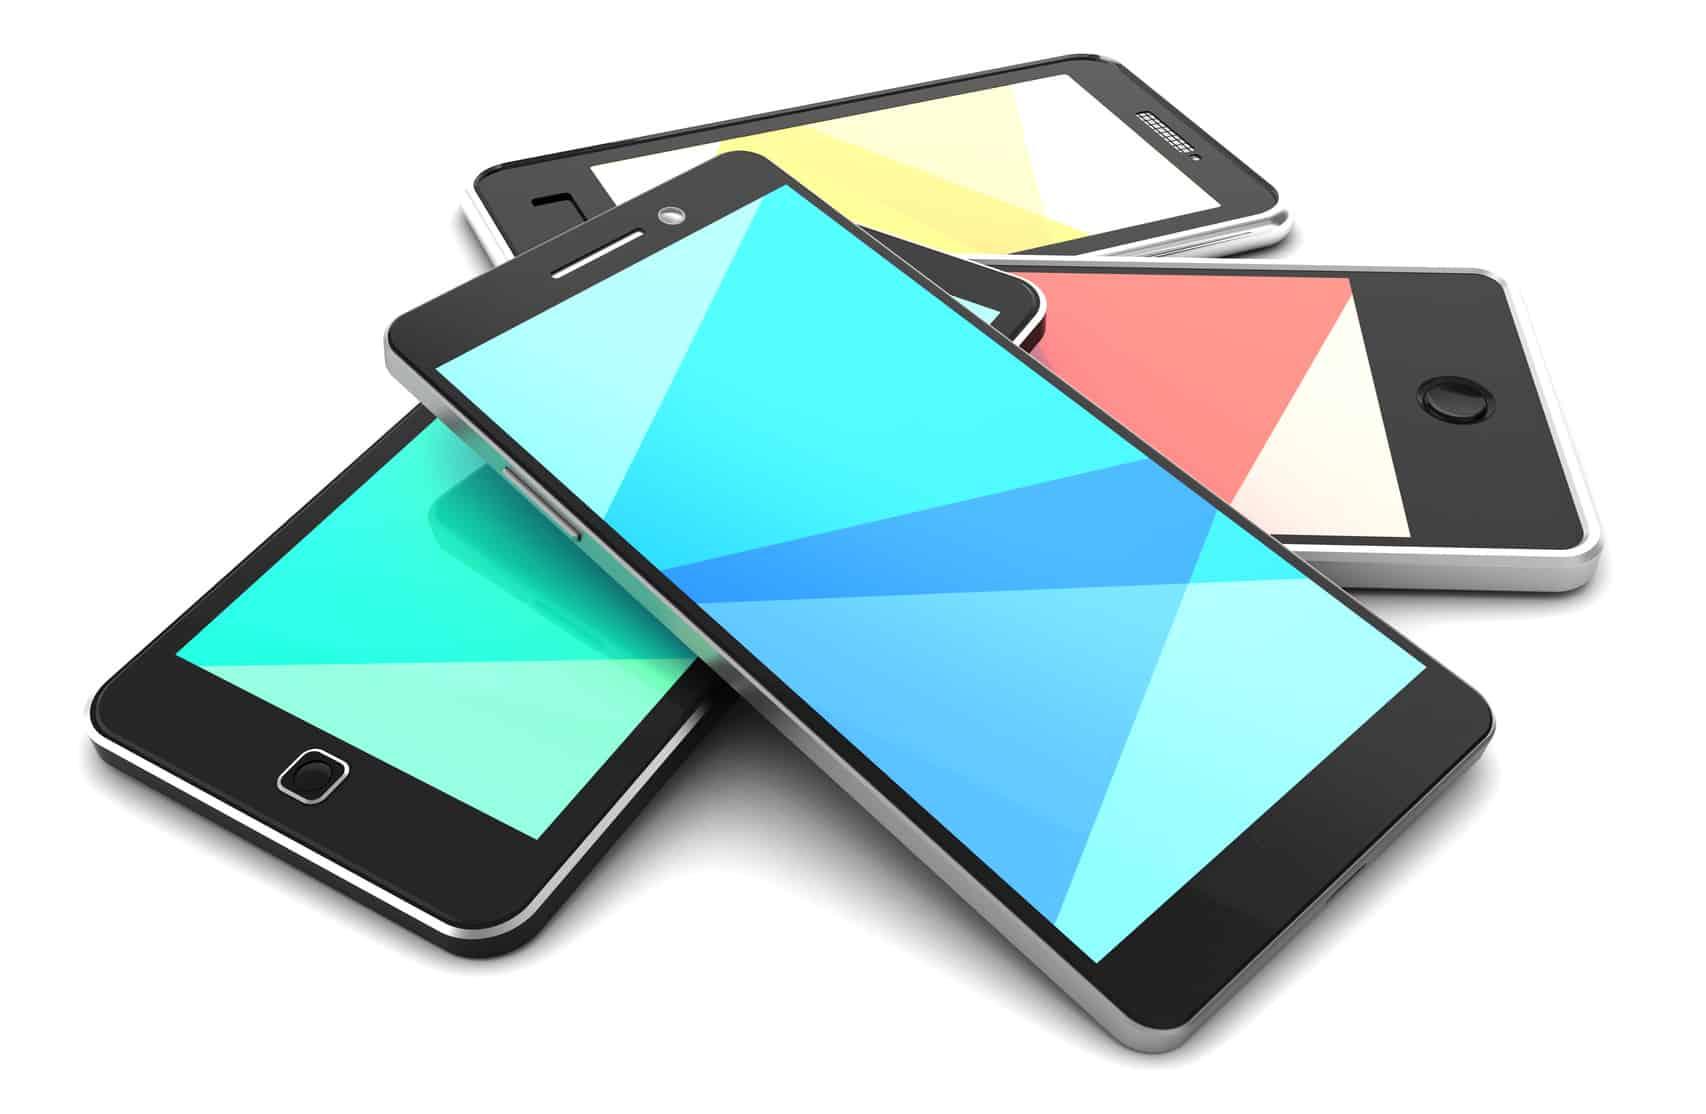 En menos de un mes se presentaron dos smartphones, el iPhone X y el Galaxy Note 8, cuyo precio se encuentra alrededor de 1,000 dólares en EU.